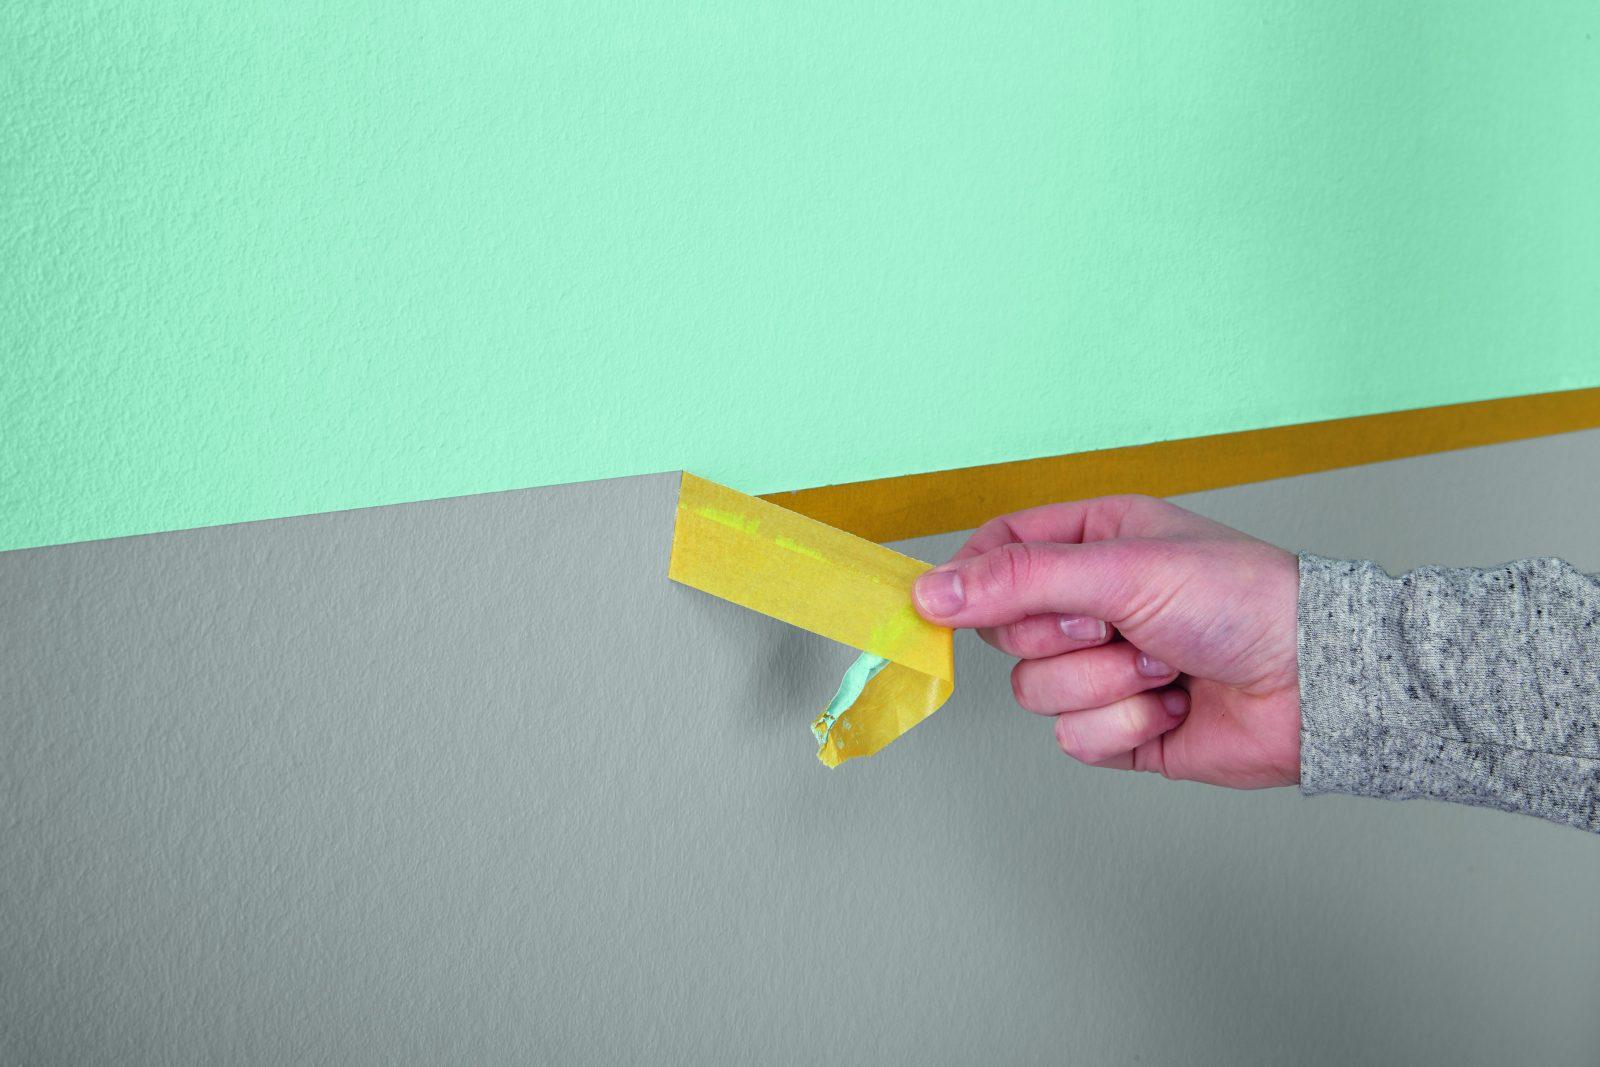 Die Richtige Technik Für Saubere Kanten Alpina Innen Streichen von Wand Streichen Streifen Abkleben Bild